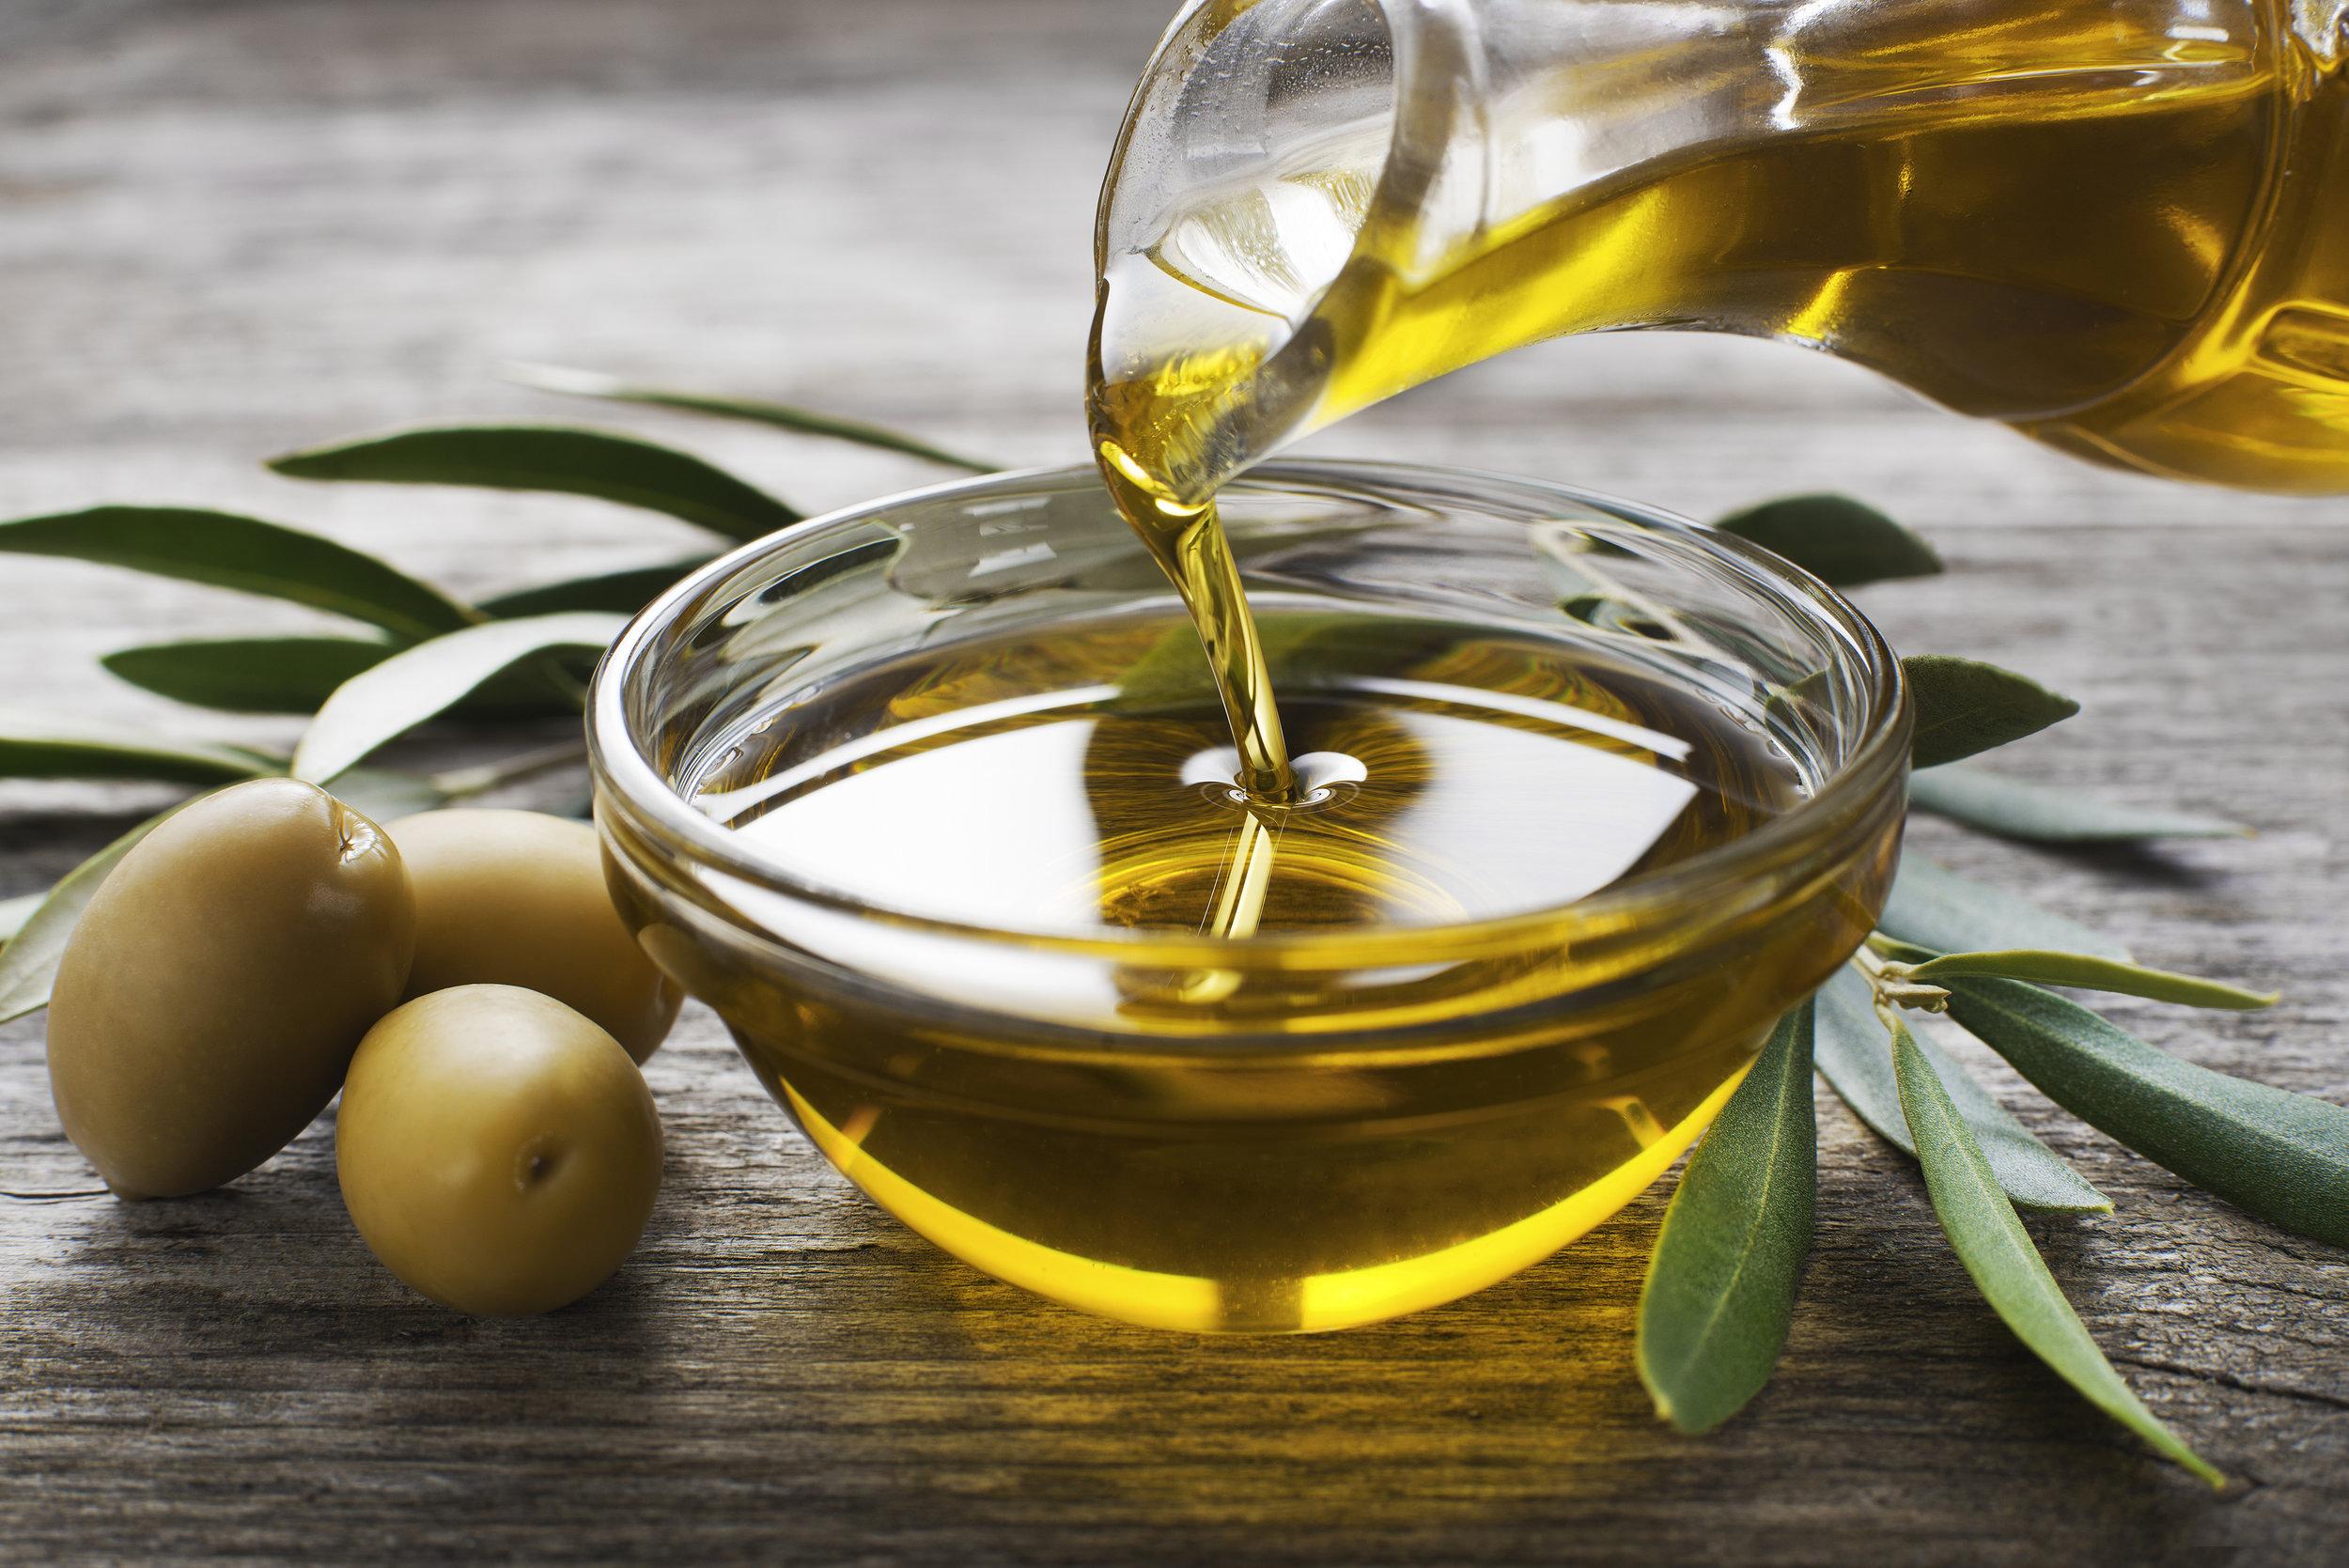 Olio extra vergine d'oliva -